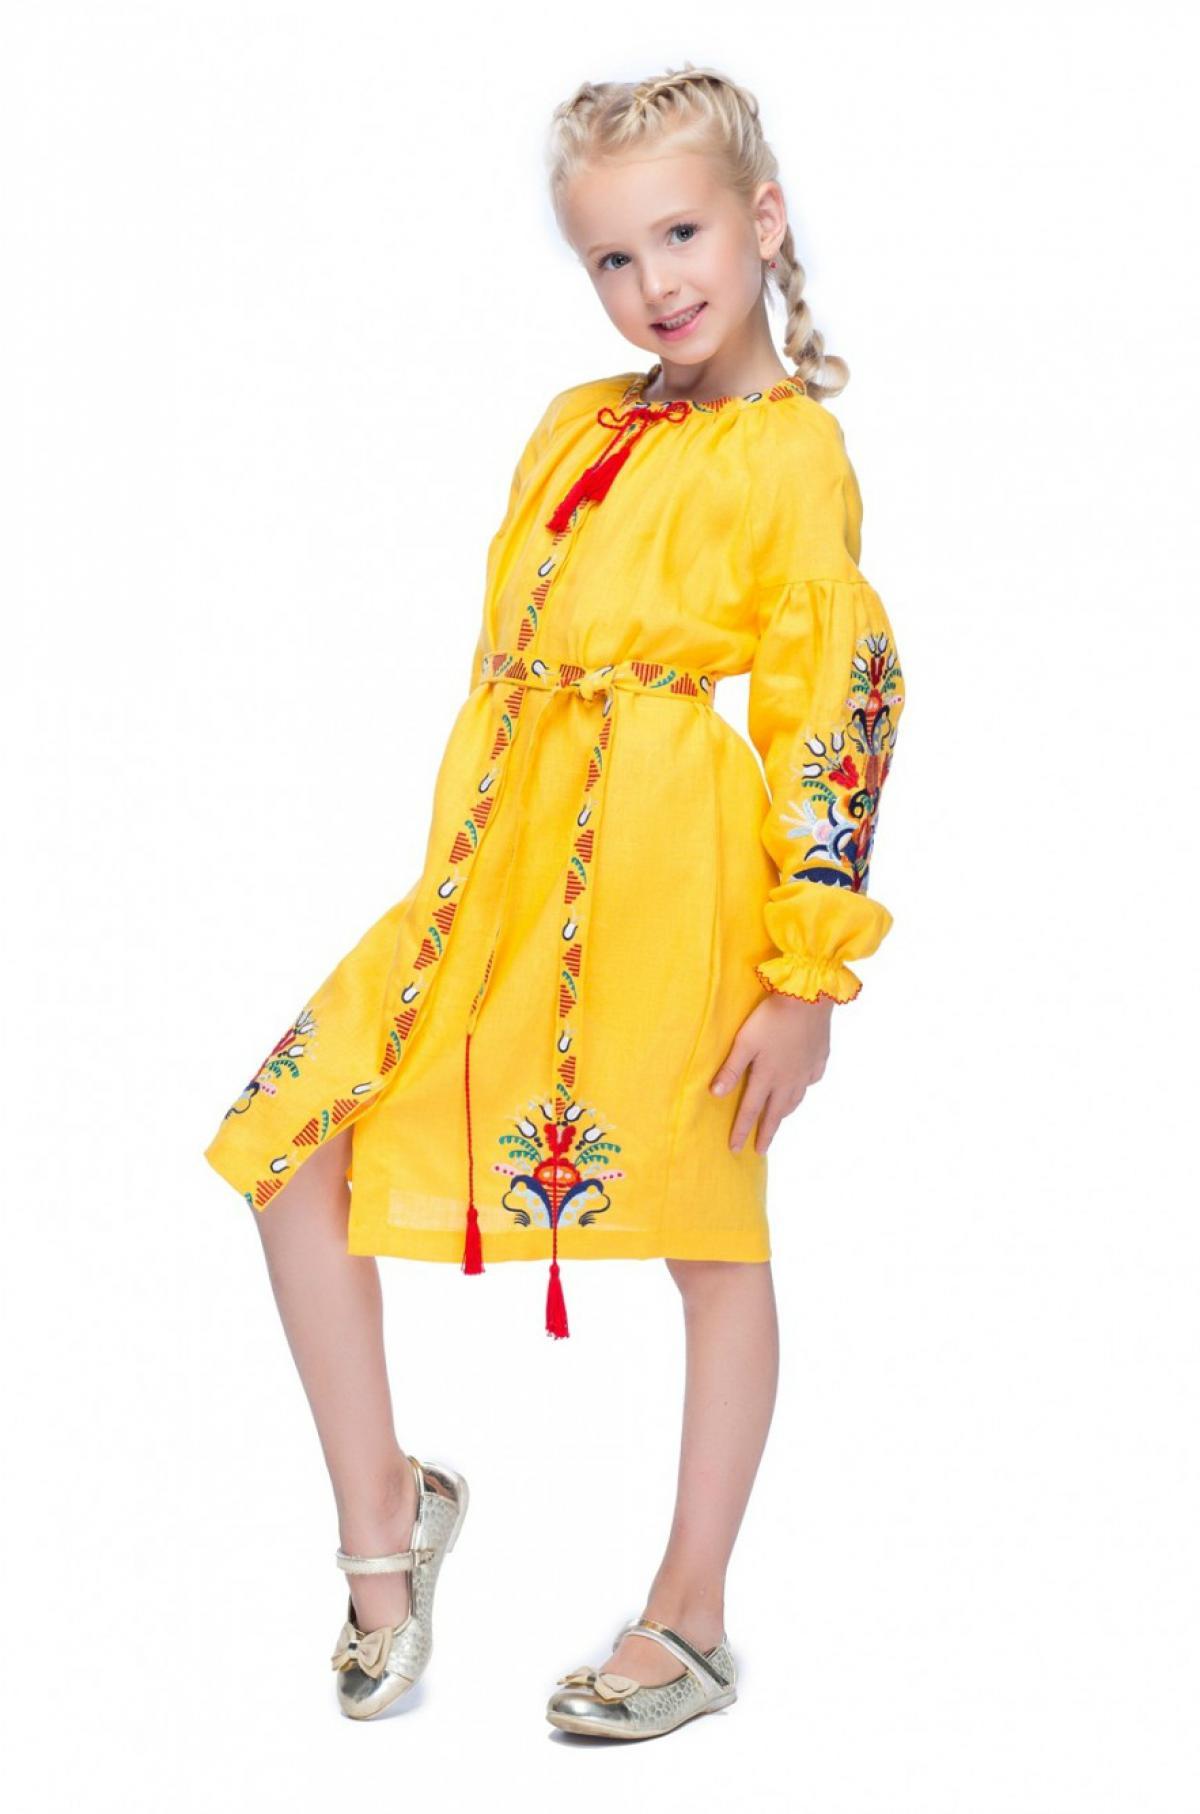 Вышитое желтое платье с петушками для девочки. Фото №1. | Народный дом Украина